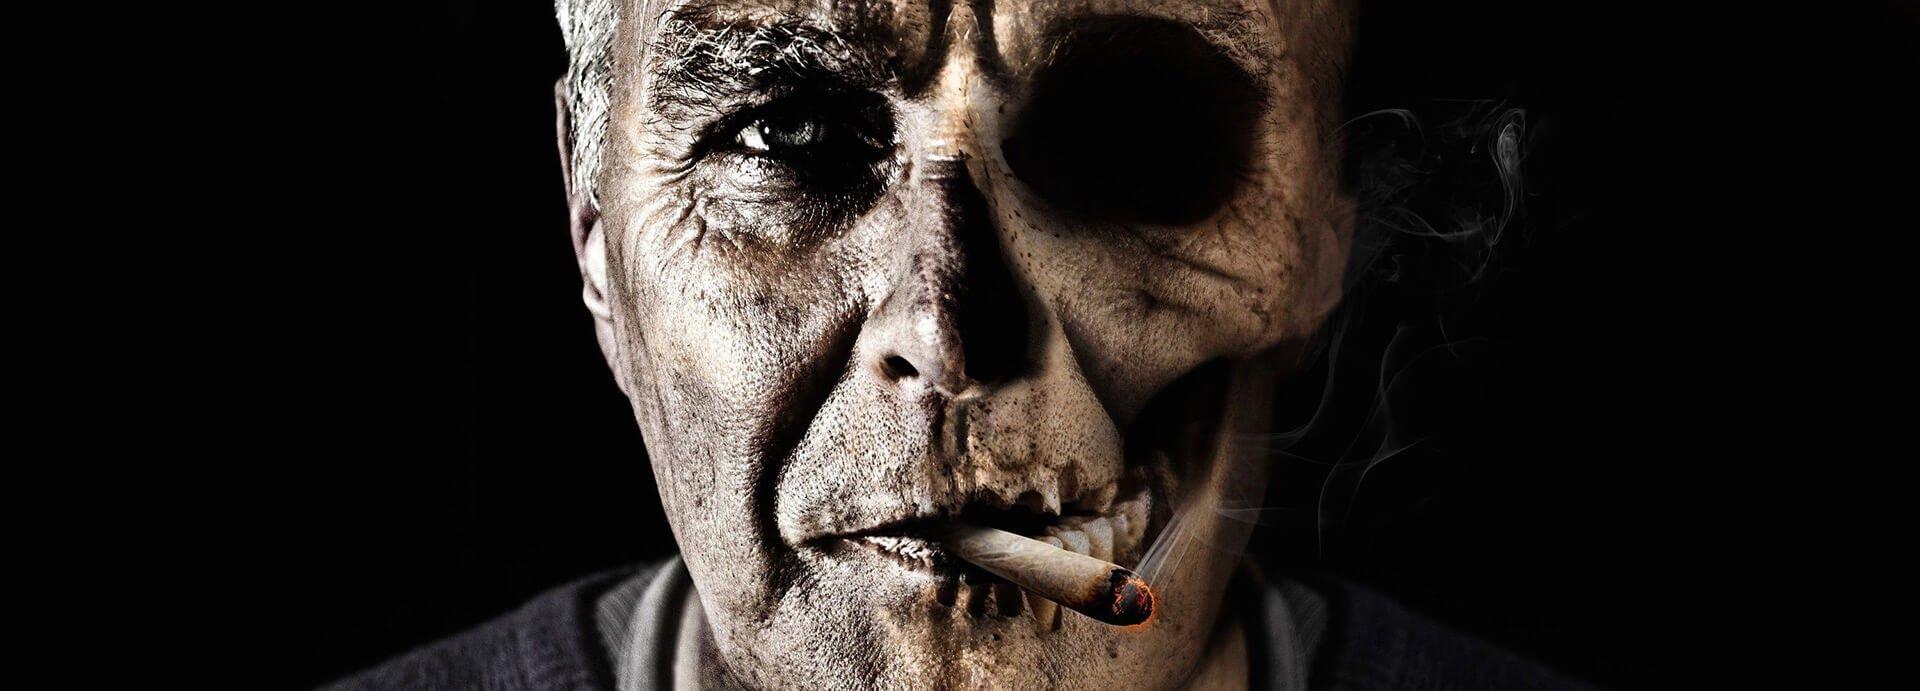 fumat-interzis-acasa